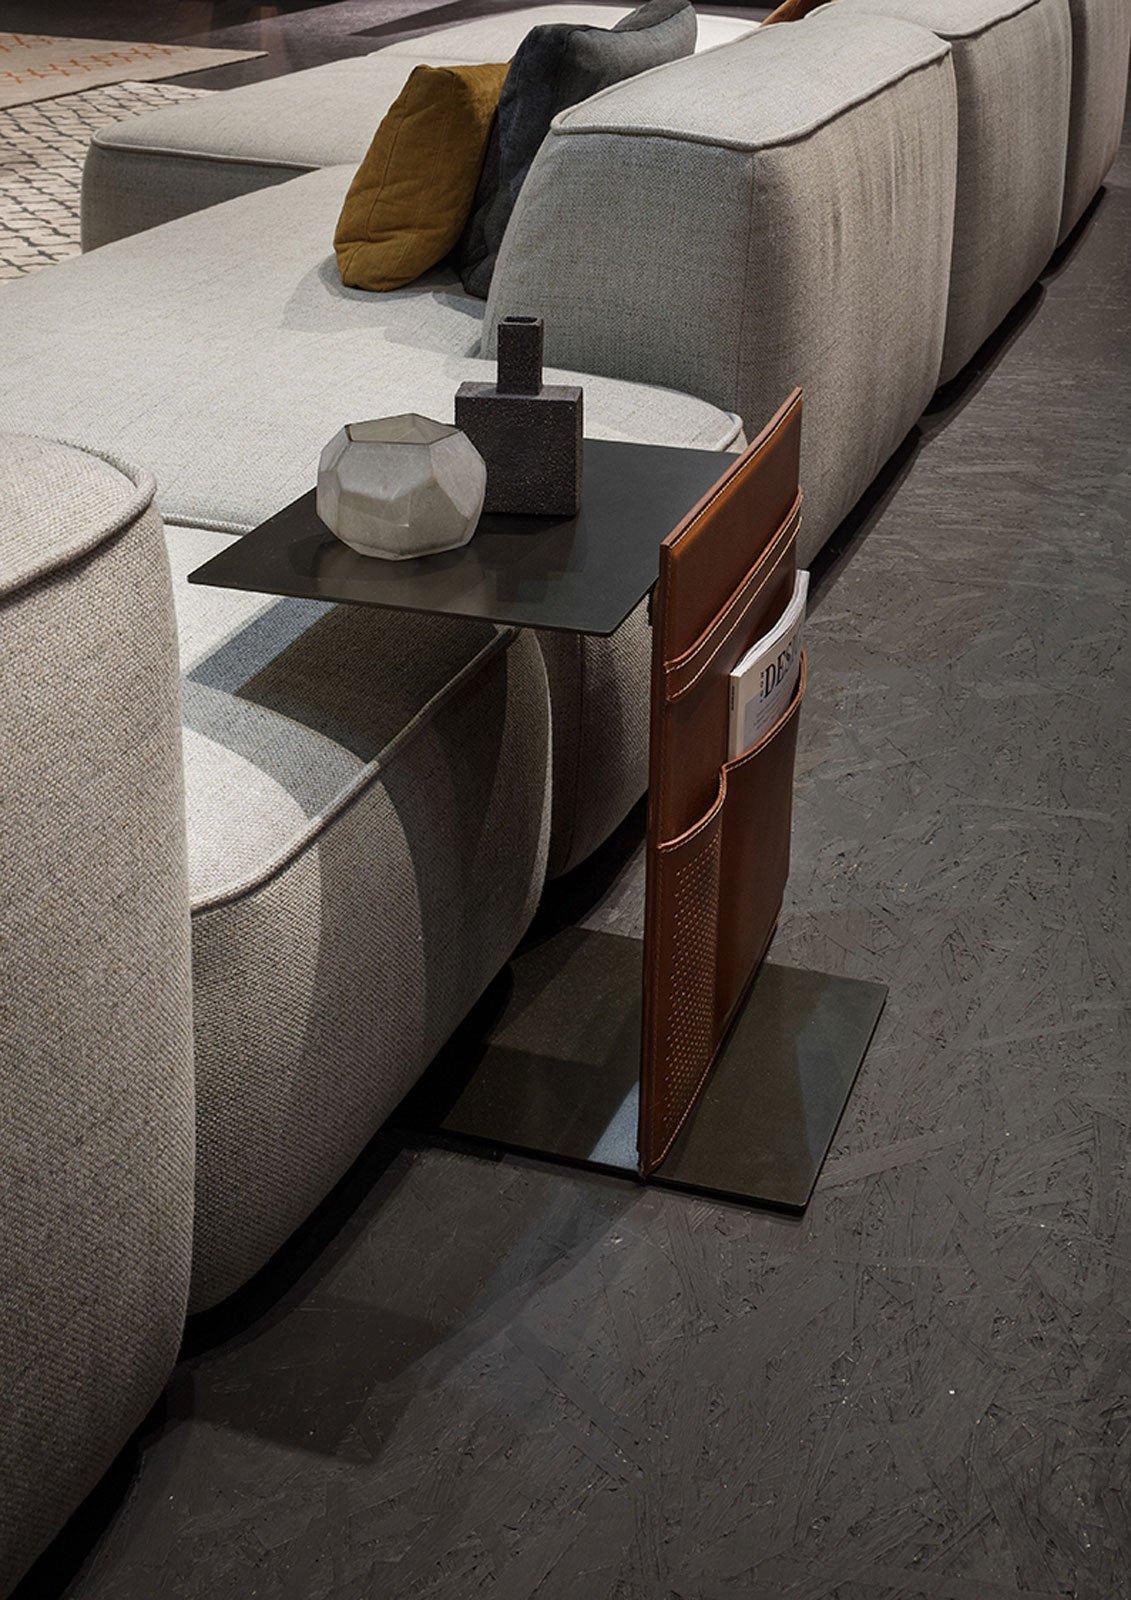 Divani i modelli attrezzati con piani d 39 appoggio e vani - Tavolino divano ...